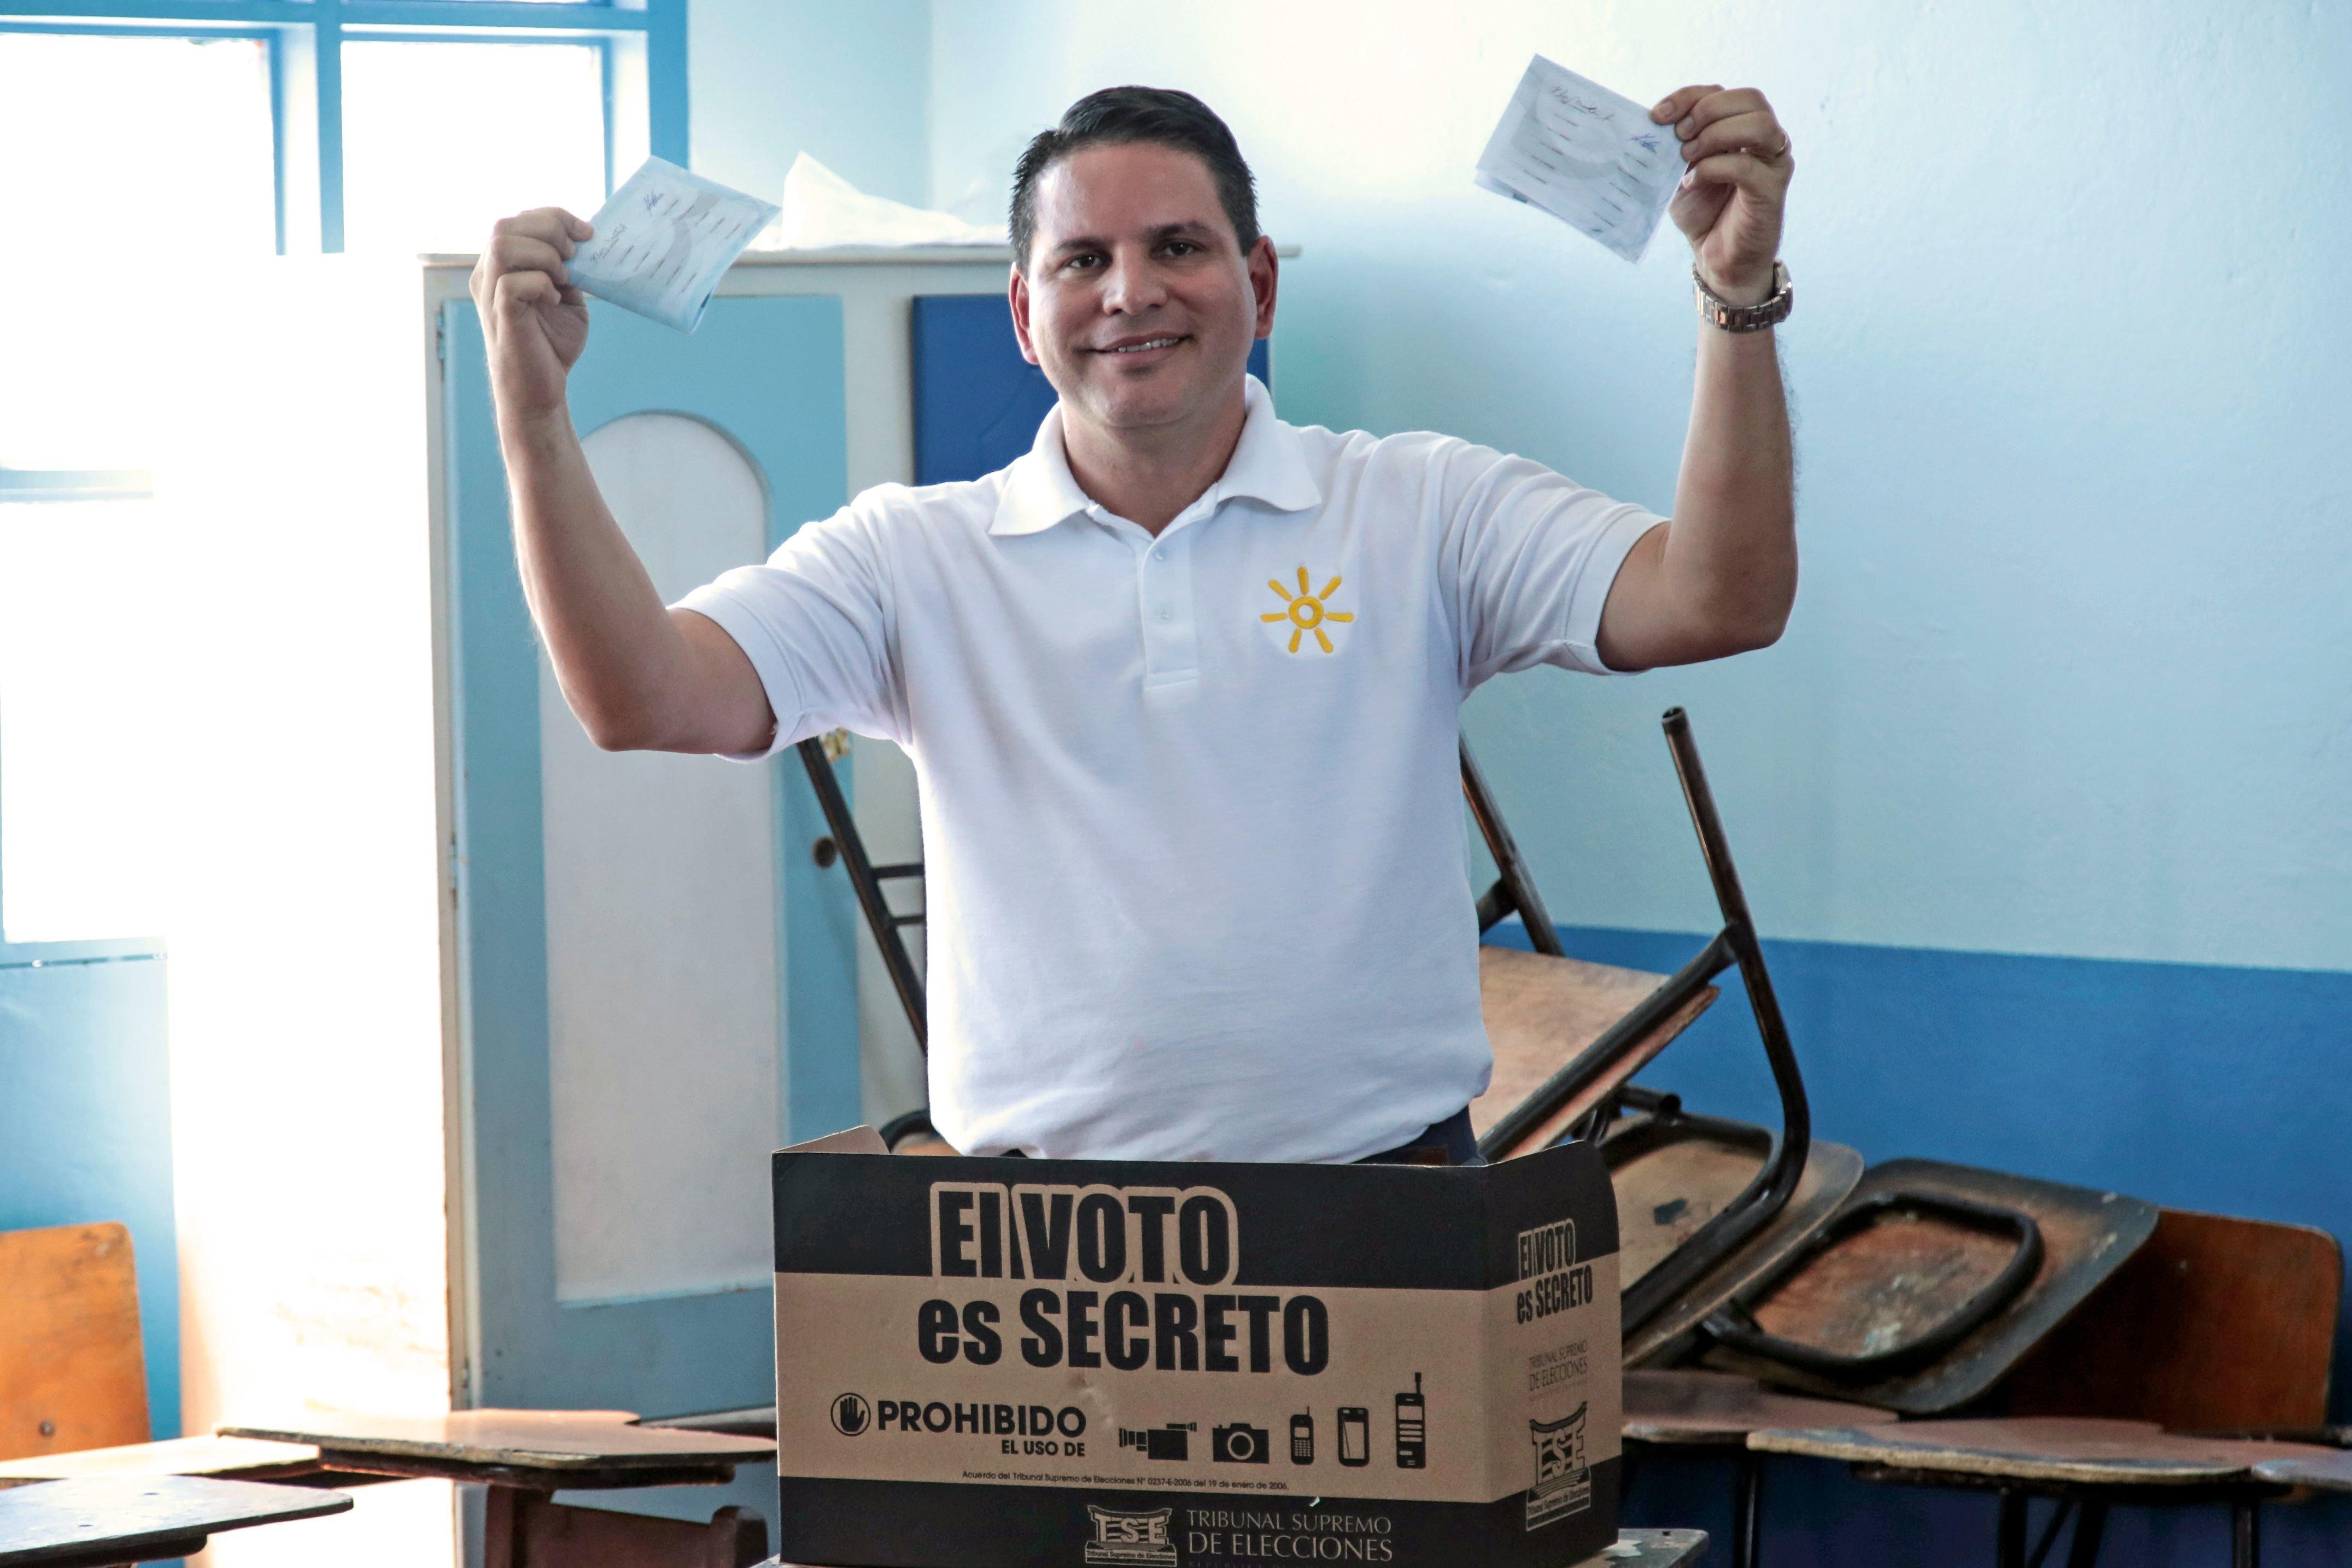 Κόστα Ρίκα: Ευαγγελικός πάστορας, τηλεπερσόνα και τραγουδιστής ο υποψήφιος που προηγείται στον πρώτο γύρο των προεδρικών